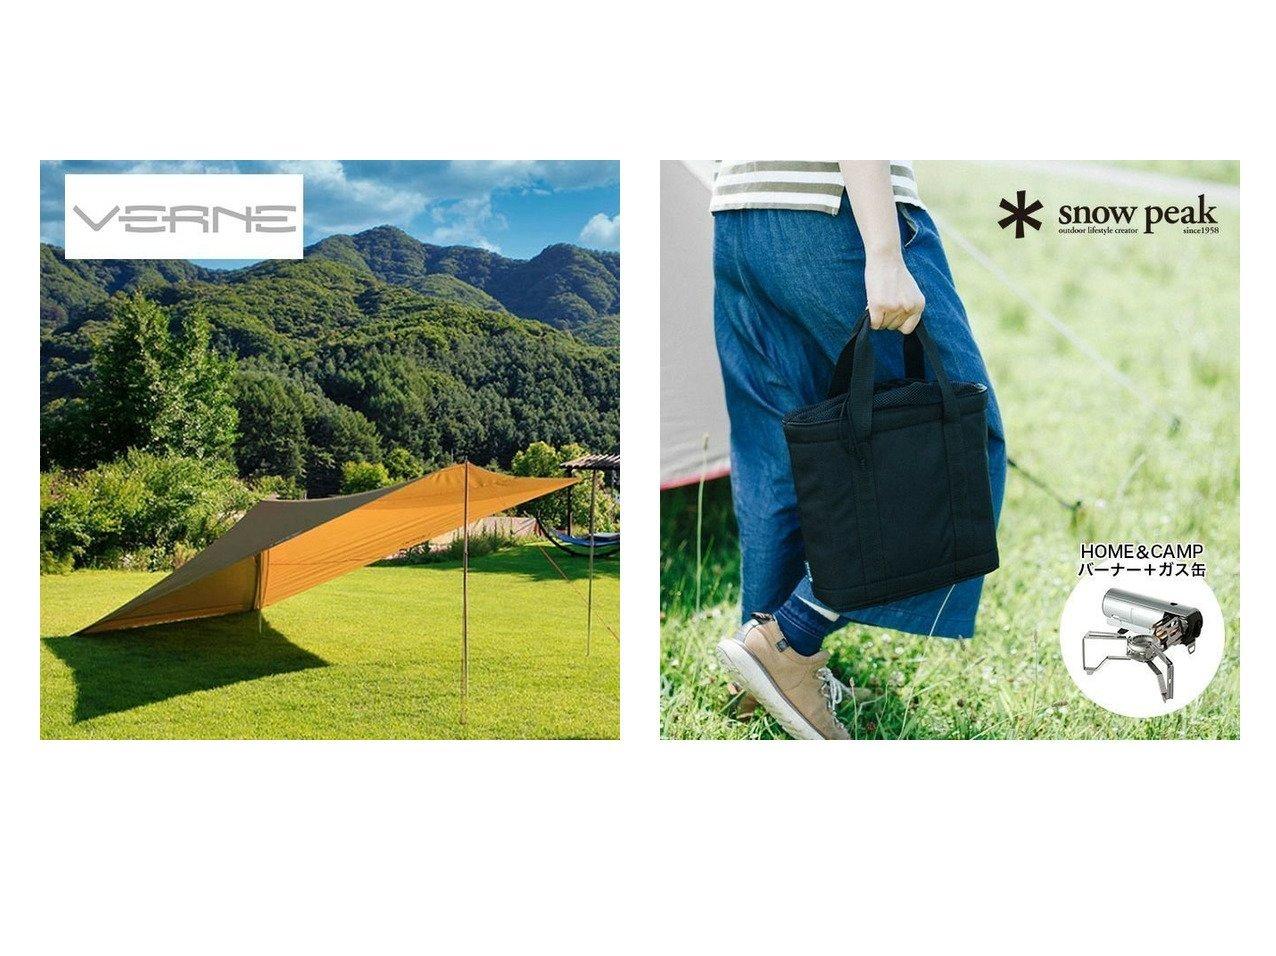 【VERNE/ベルン】のデルタターププラス&【Snow Peak/スノーピーク】のHOME&CAMPバーナー 収納バッグ おすすめ!人気キャンプ・アウトドア用品の通販 おすすめで人気の流行・トレンド、ファッションの通販商品 インテリア・家具・メンズファッション・キッズファッション・レディースファッション・服の通販 founy(ファニー) https://founy.com/ クッション メッシュ 巾着 ホーム・キャンプ・アウトドア Home,Garden,Outdoor,Camping Gear キャンプ用品・アウトドア  Camping Gear & Outdoor Supplies テント タープ Tents, Tarp ホーム・キャンプ・アウトドア Home,Garden,Outdoor,Camping Gear キャンプ用品・アウトドア  Camping Gear & Outdoor Supplies バーナー グリル Burner, Grill ホーム・キャンプ・アウトドア Home,Garden,Outdoor,Camping Gear キャンプ用品・アウトドア  Camping Gear & Outdoor Supplies ギアボックス 収納 Tool Boxes, Storage  ID:crp329100000063802